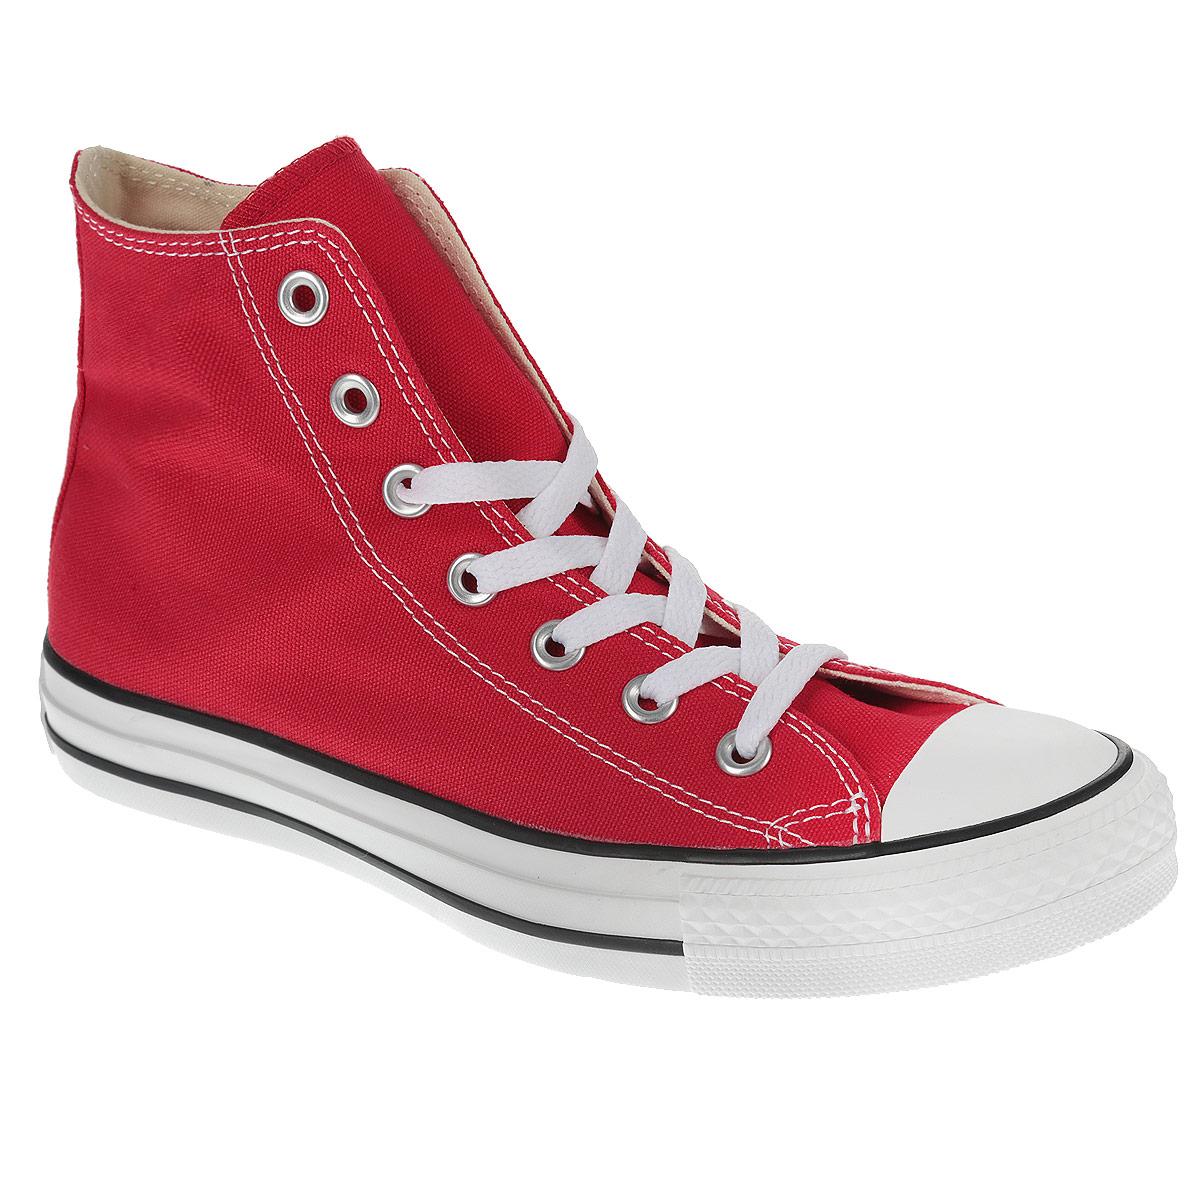 КедыM9160Высокие кеды Chuck Taylor All Star Core Hi от Converse займут достойное место среди вашей обуви. Модель выполнена из плотного текстиля и оформлена на одной из боковых сторон металлическими люверсами и фирменной термоаппликацией, на подошве - прорезиненной накладкой и контрастными полосками. Мыс изделия дополнен классической для кед прорезиненной вставкой. Классическая шнуровка обеспечивает надежную фиксацию обуви на ноге. Стелька из материала EVA с текстильной поверхностью комфортна при движении. Гибкая резиновая подошва с рифлением гарантирует идеальное сцепление с любыми поверхностями. В таких кедах вашим ногам будет комфортно и уютно.